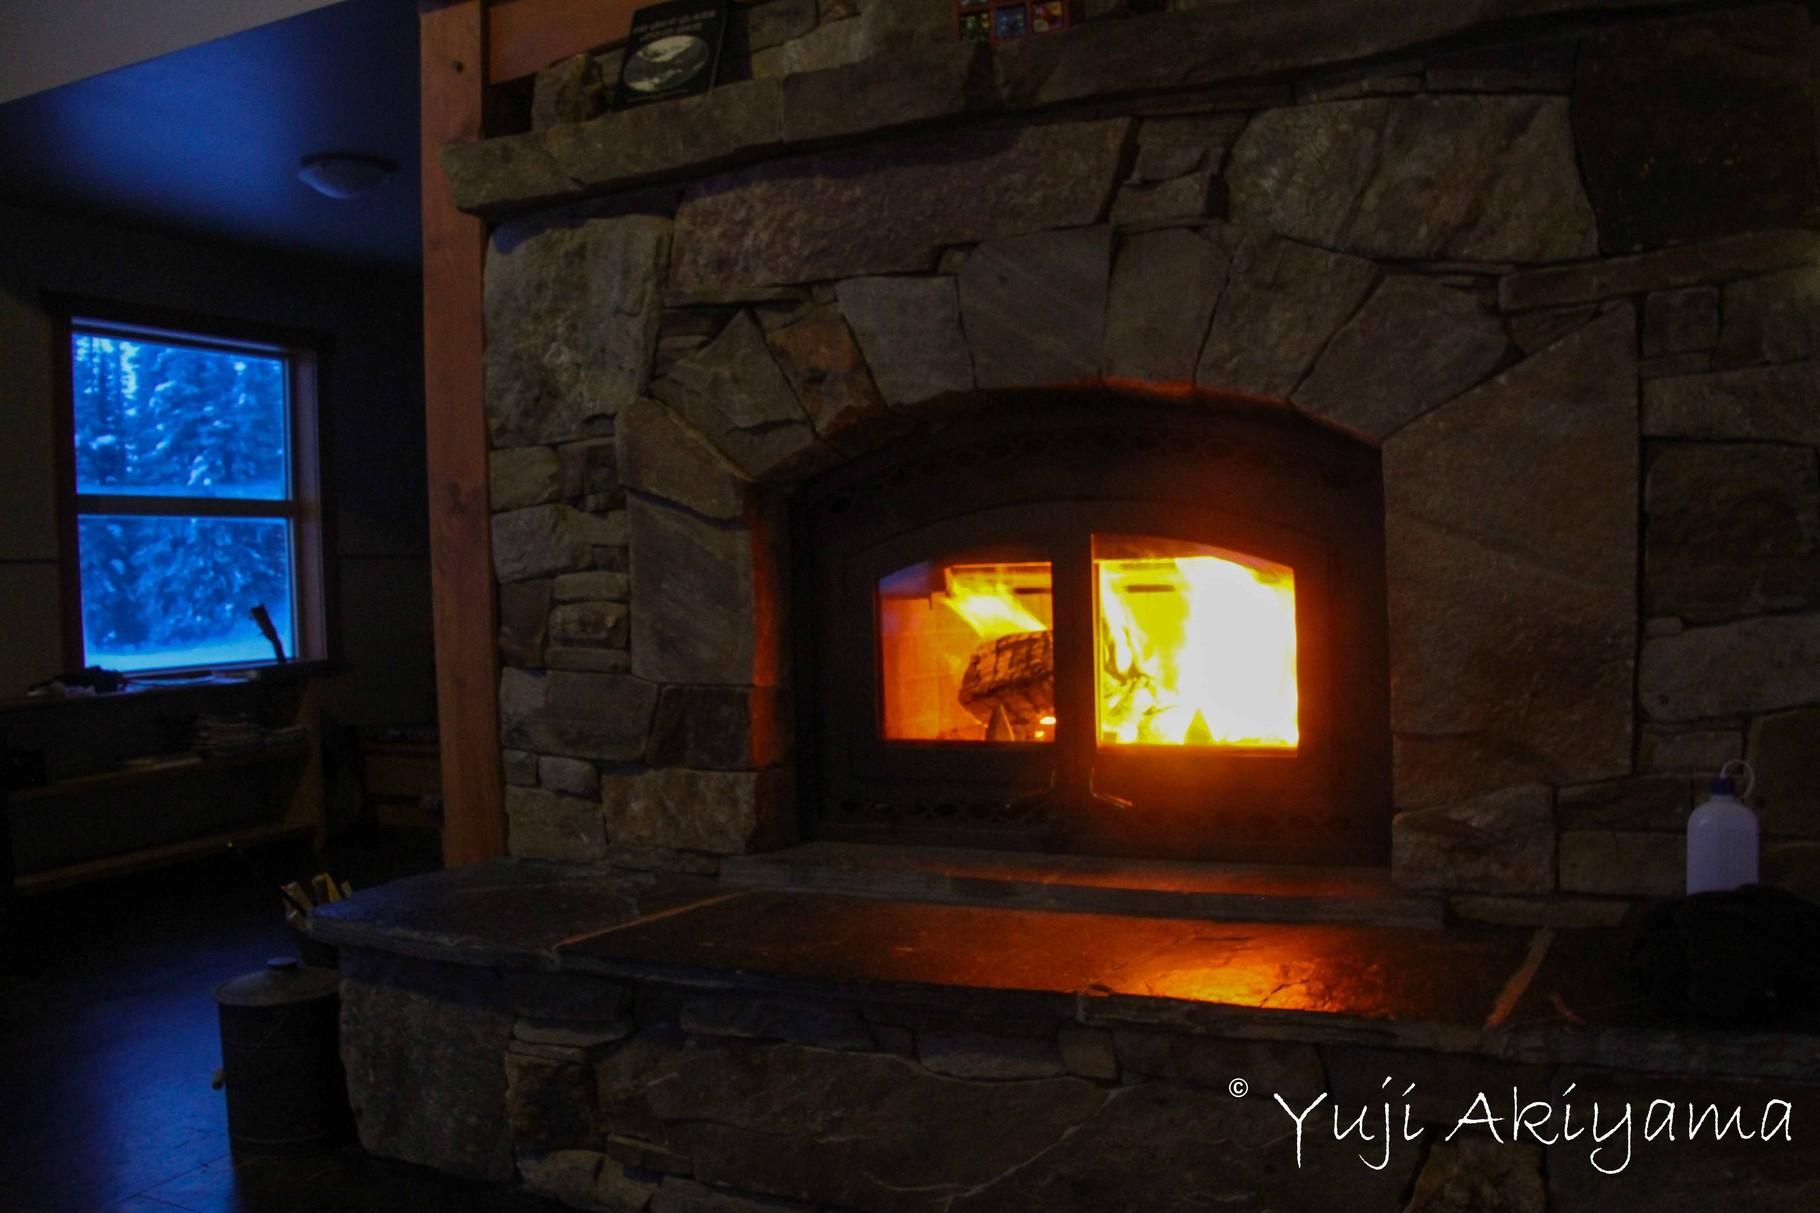 薪暖炉を見ながら夜がすぎる